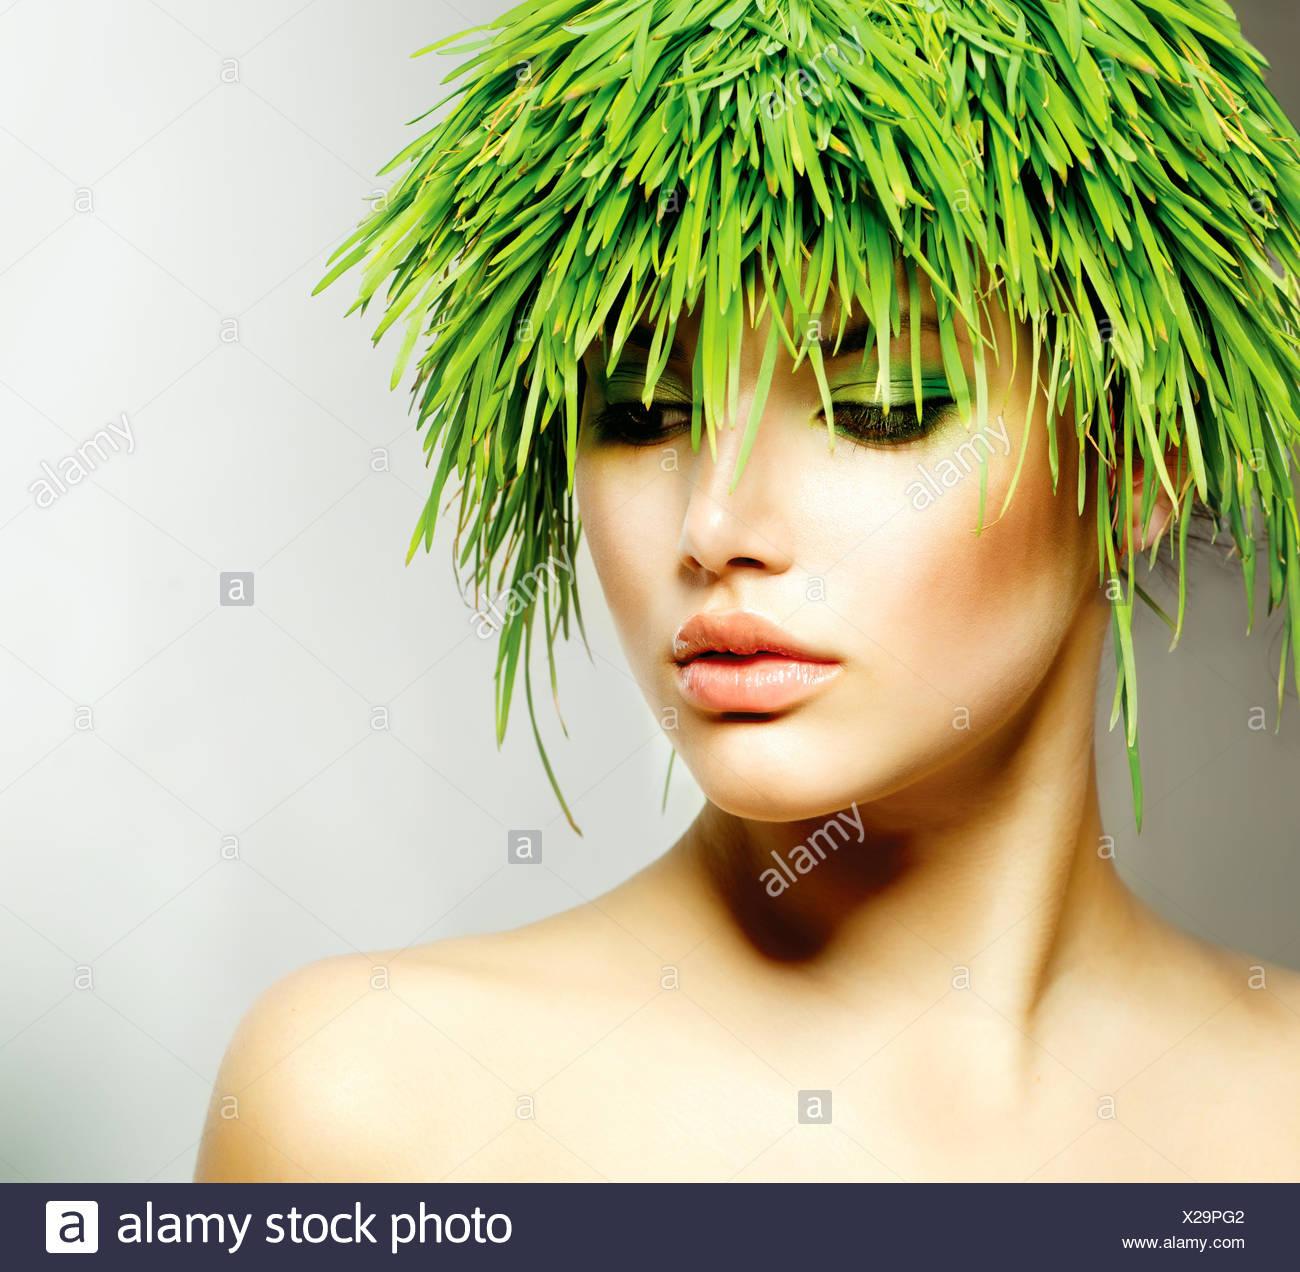 Schönheit Frühling Frau mit frischen grünen Rasen Haar Stockbild